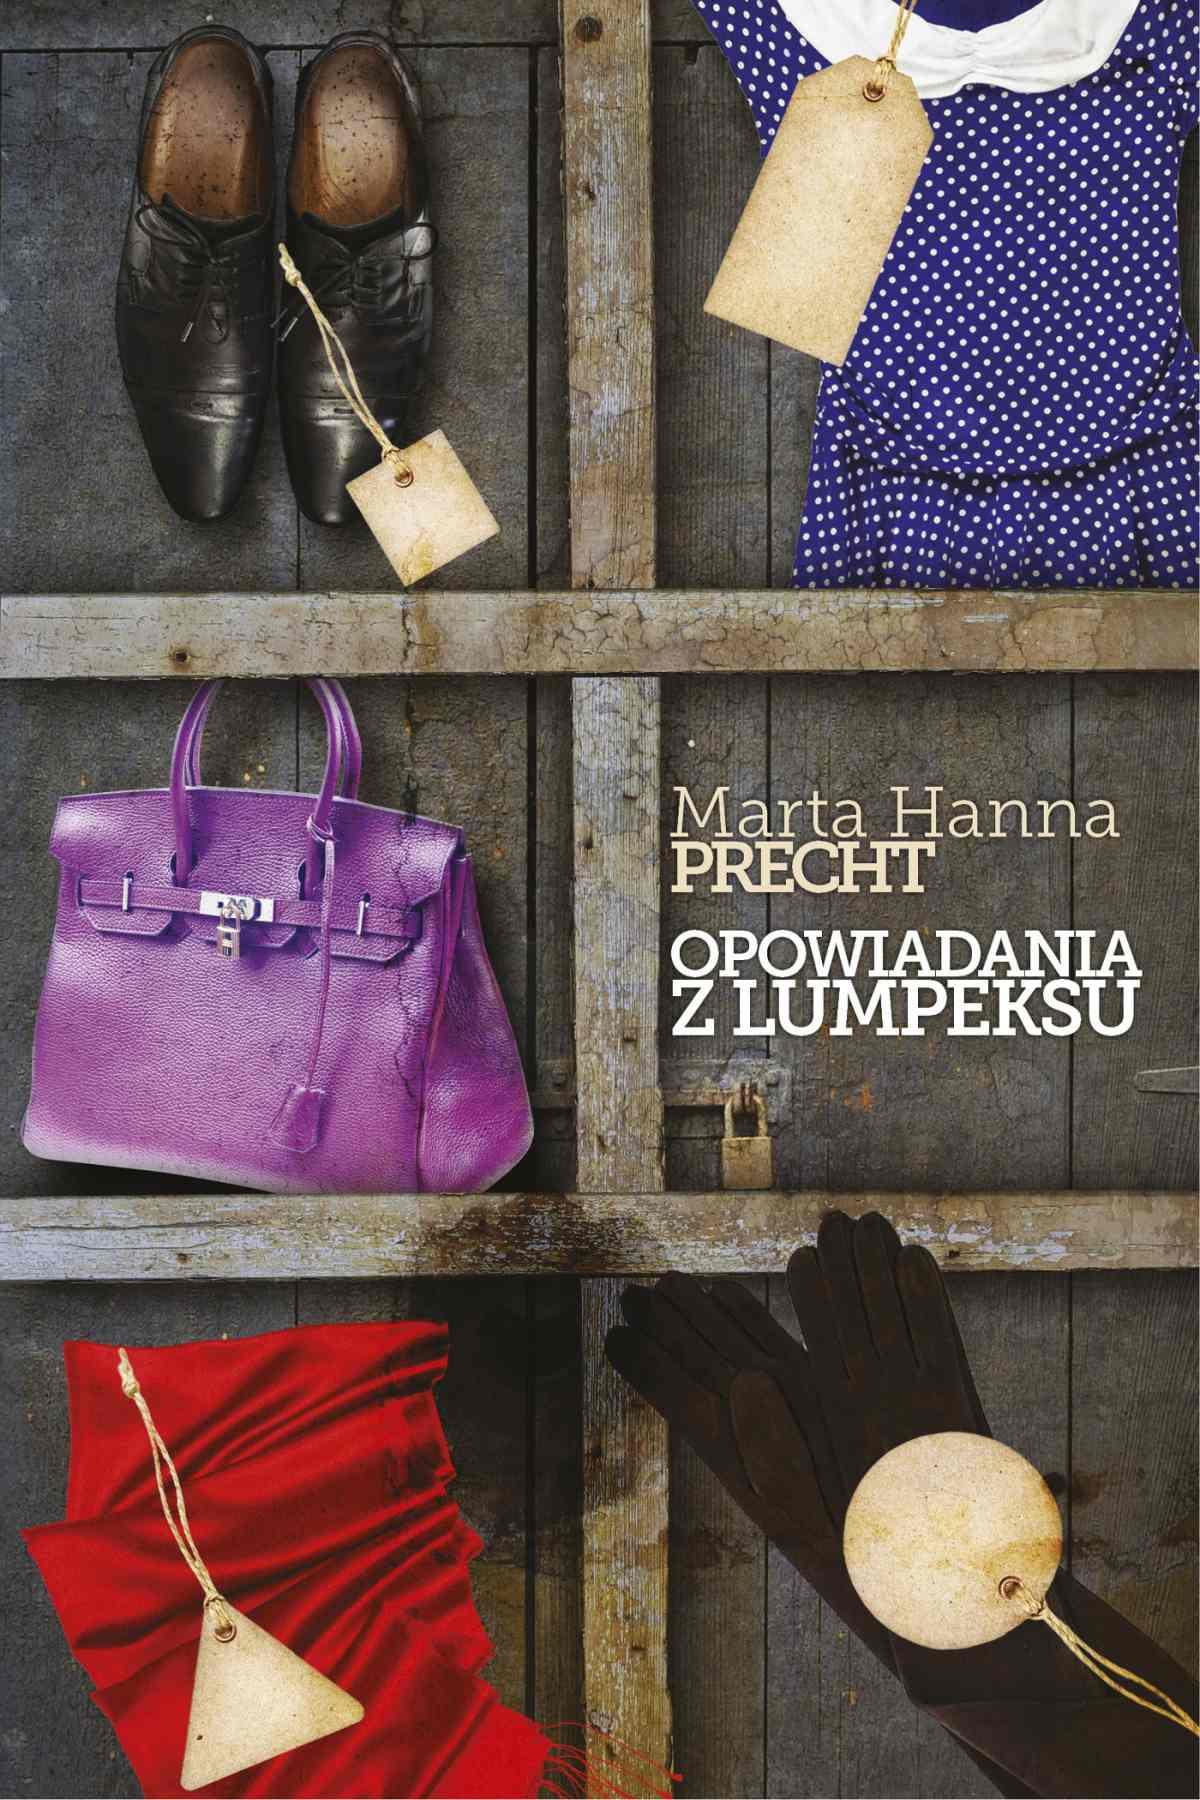 Opowiadania z lumpeksu - Ebook (Książka EPUB) do pobrania w formacie EPUB